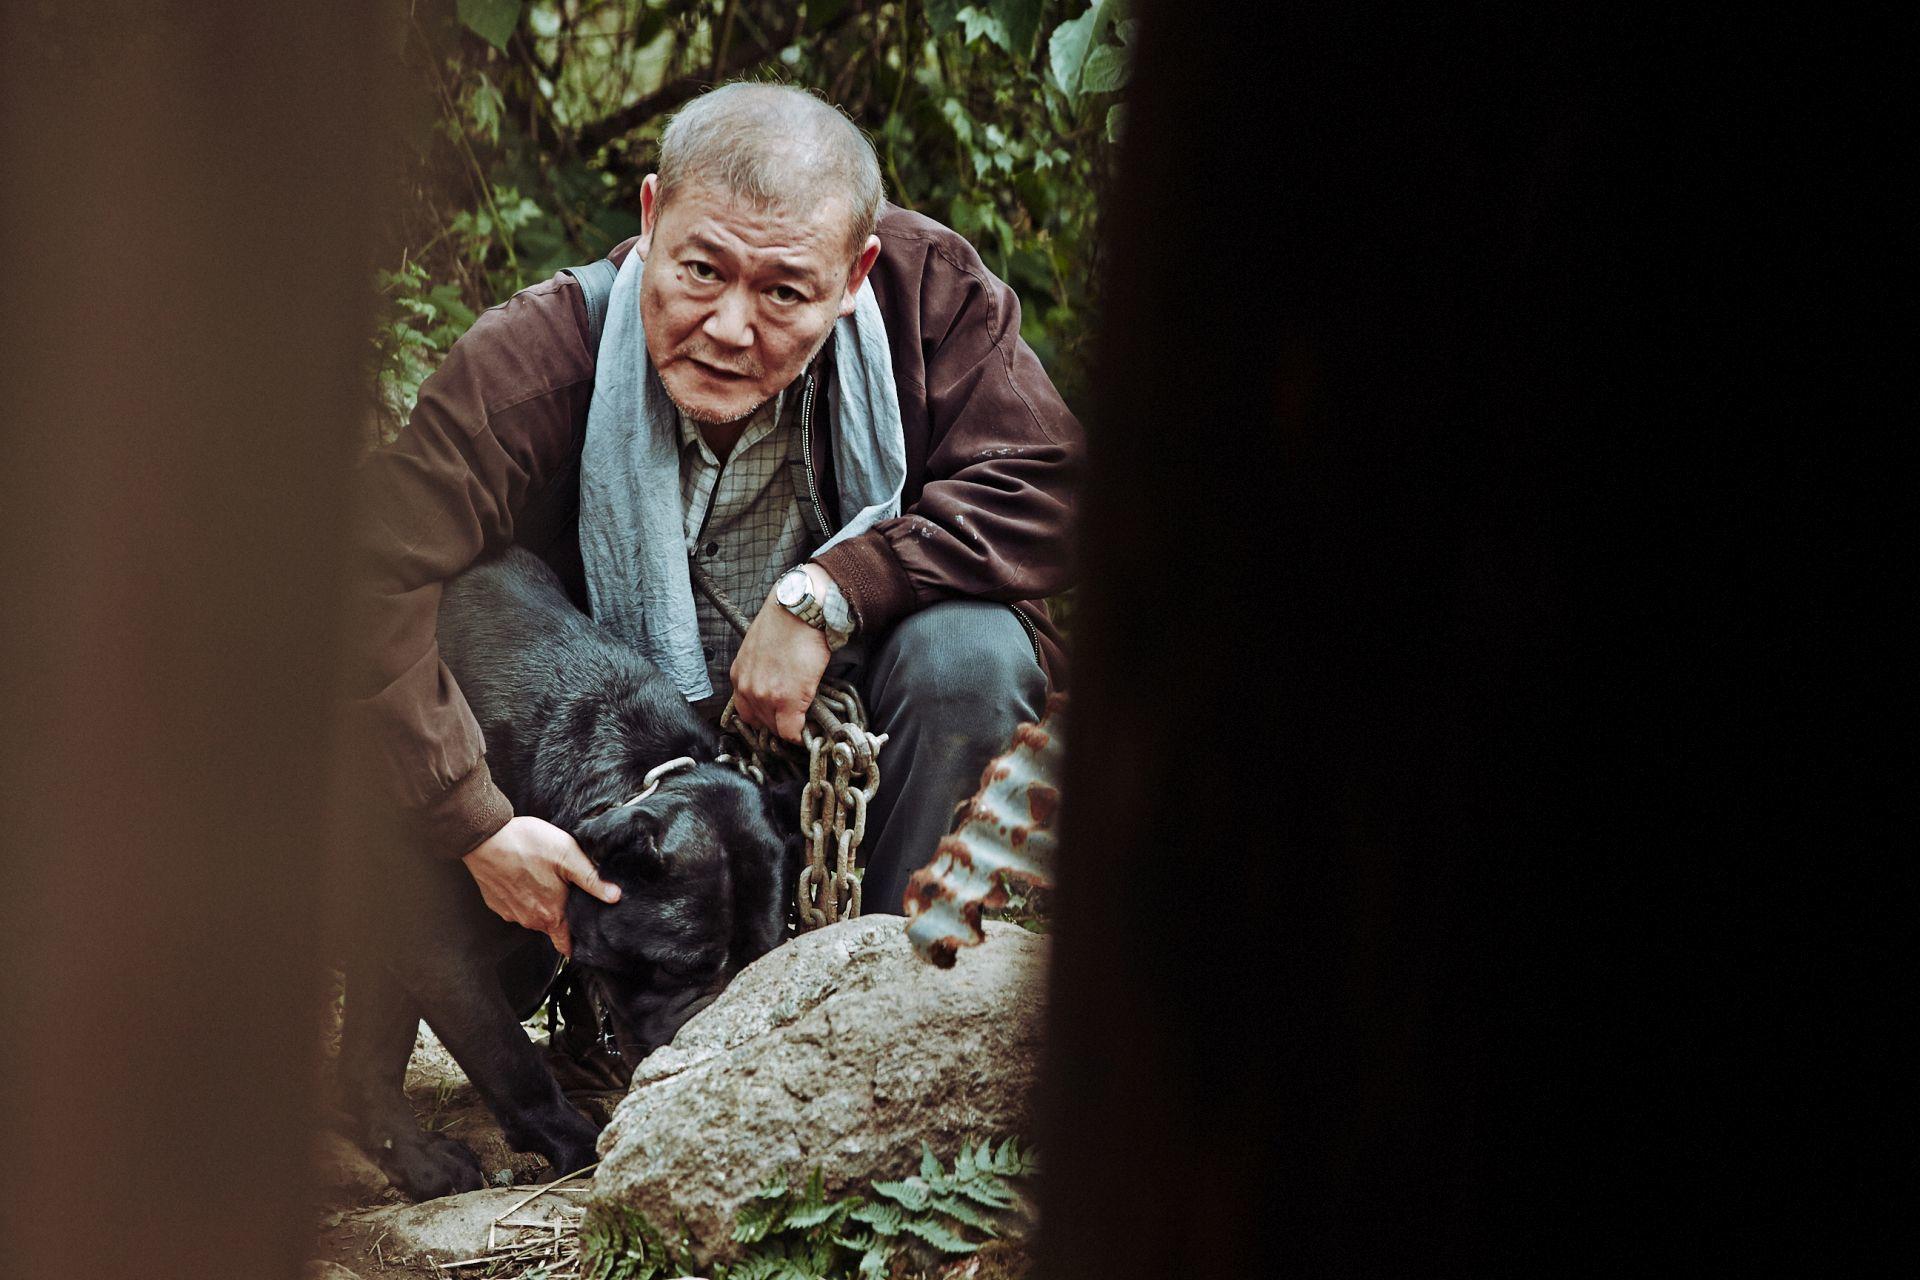 劇中で様々な顔を見せる國村隼 (C)2016 TWENTIETH CENTURY FOX FILM CORPORATION